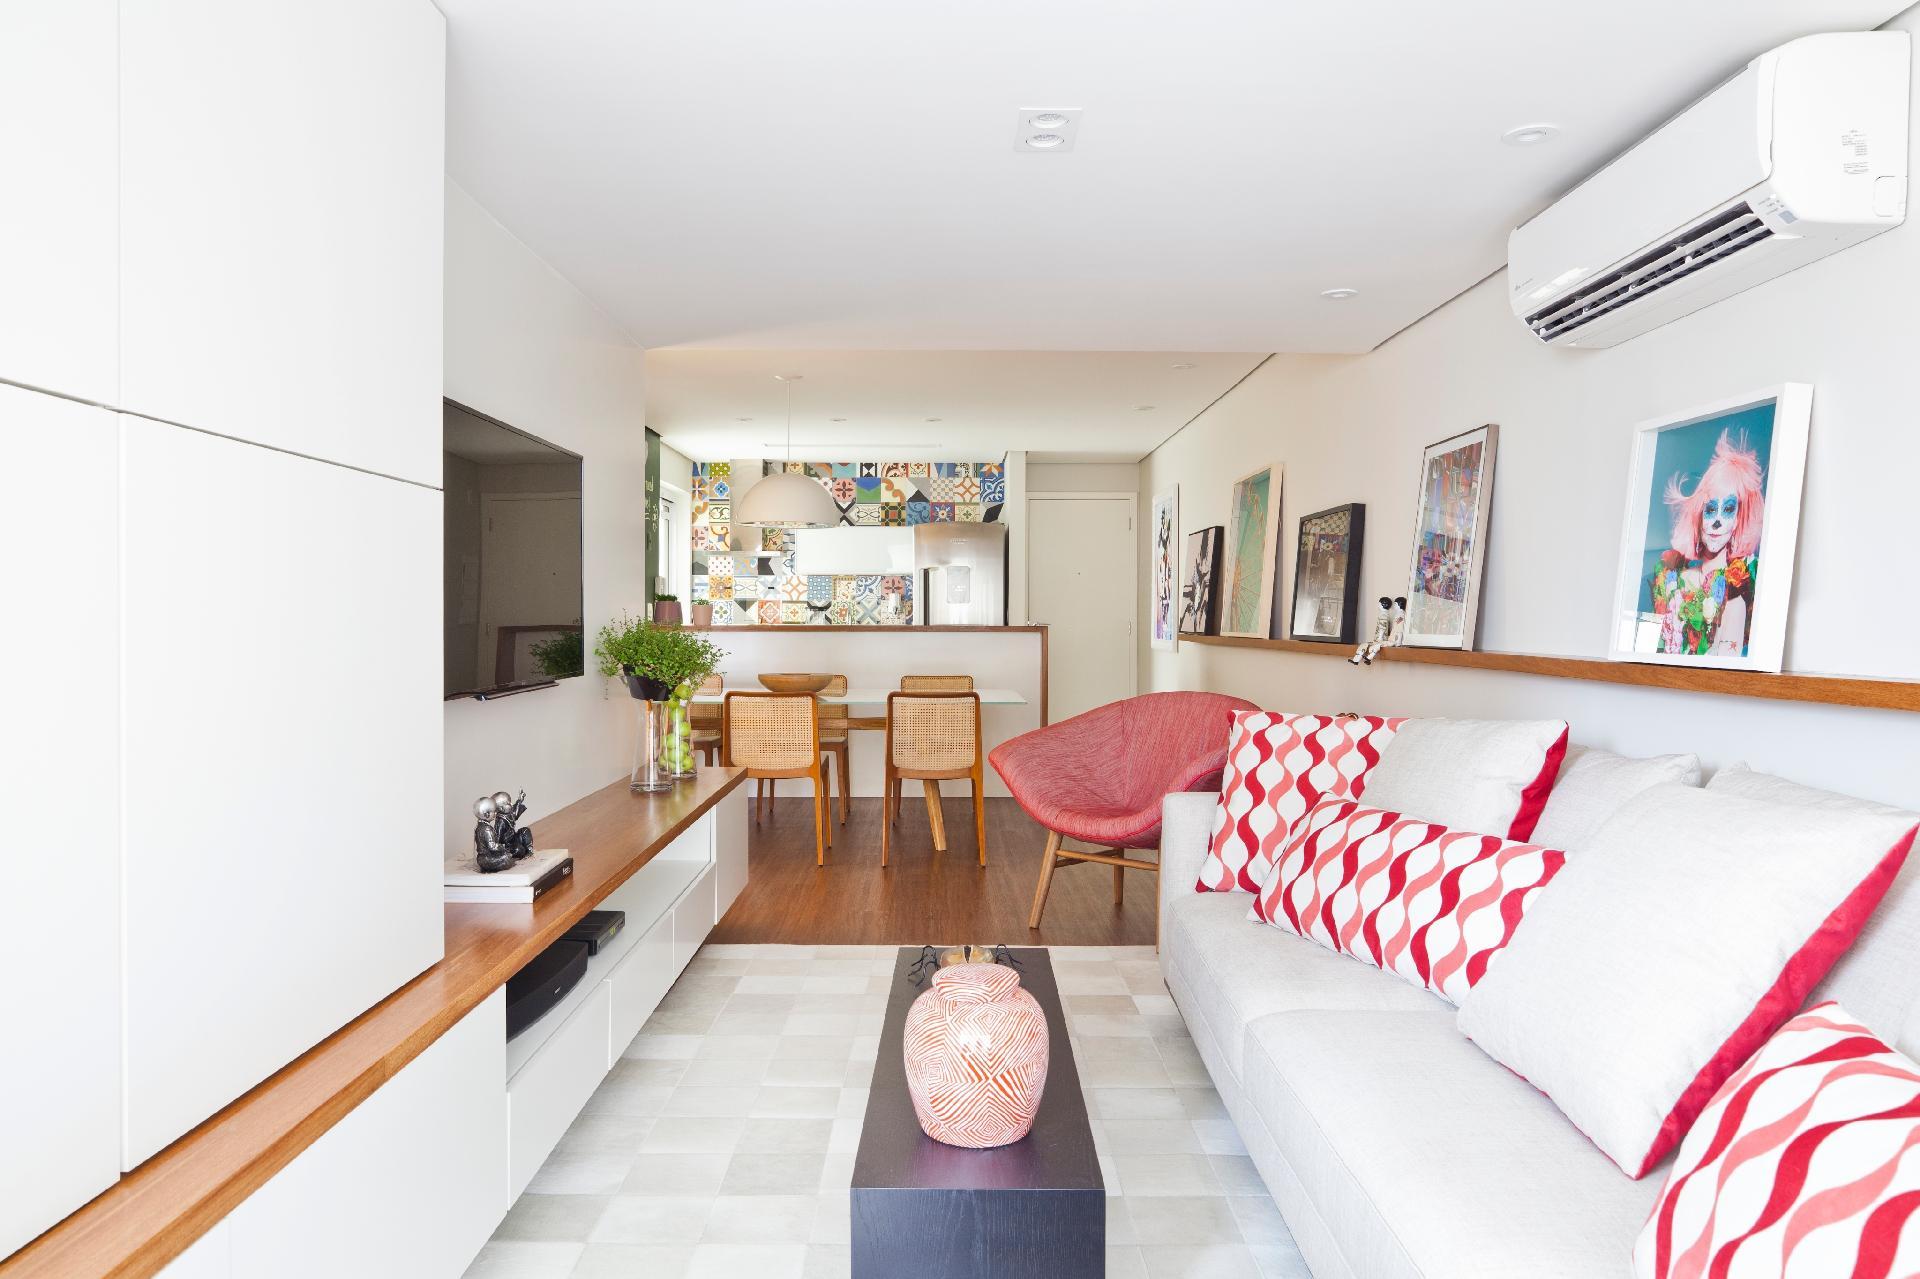 O apê da moça tem um visual leve e feminino, com marcenaria em laca branca e madeira clara e pinceladas de cor nos objetos, como almofadas e quadros. A sala foi ampliada com a integração da varanda 'gourmet', no projeto de reforma executado pelos arquitetos do escritório Conrado Ceravolo, em São Paulo